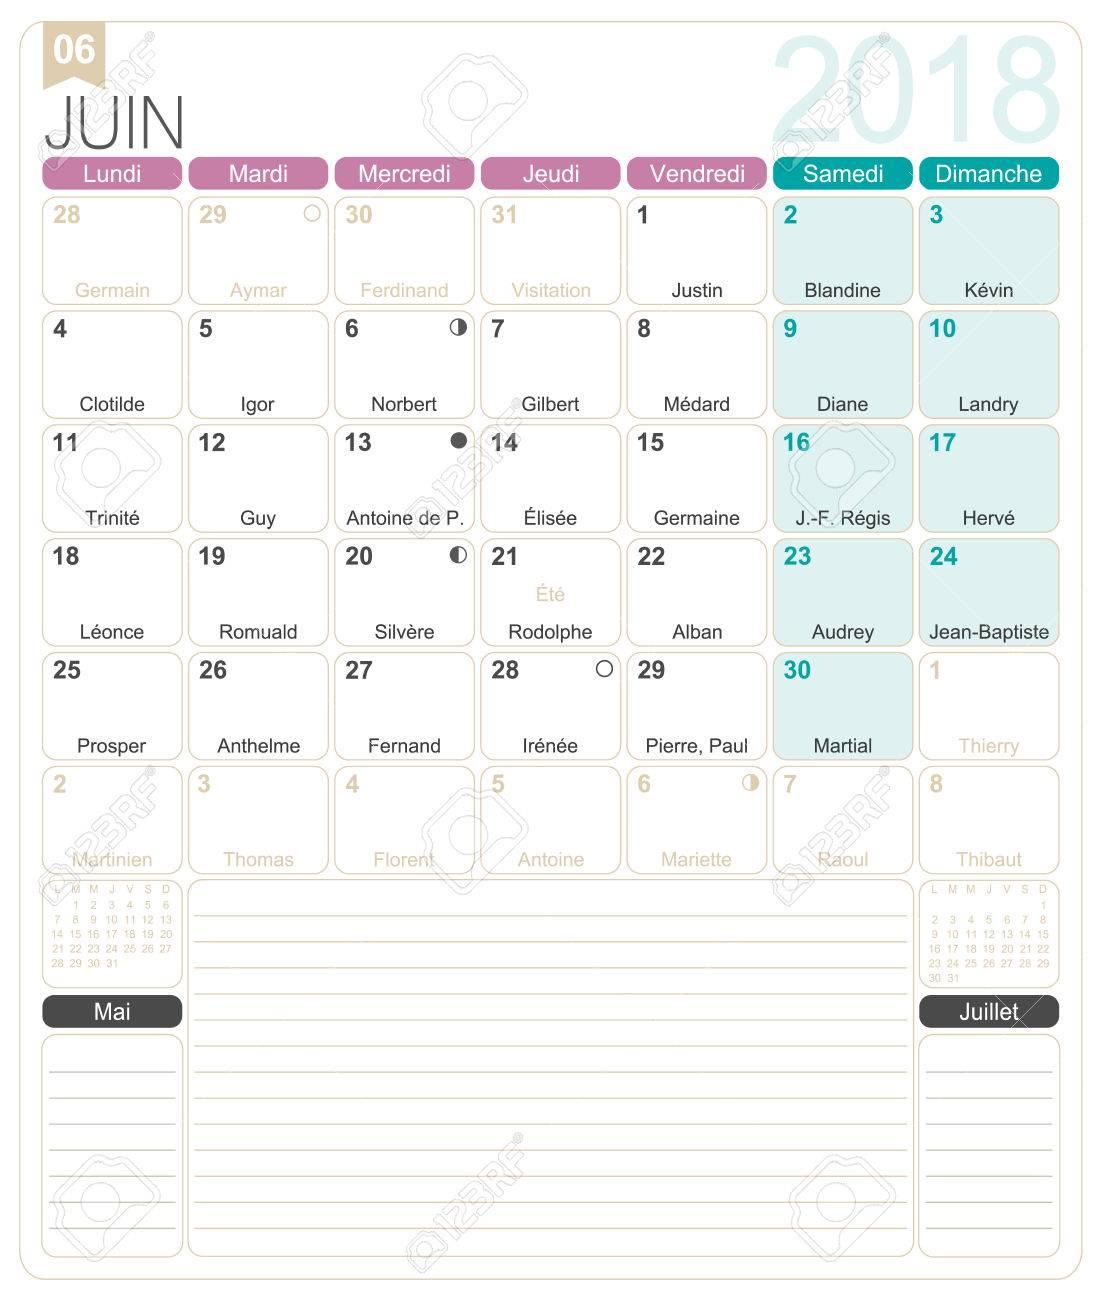 Juin 2018 Francais Modele De Calendrier Mensuel Imprimable Y Compris Les Jours De Nom Les Phases Lunaires Et Les Jours Feries